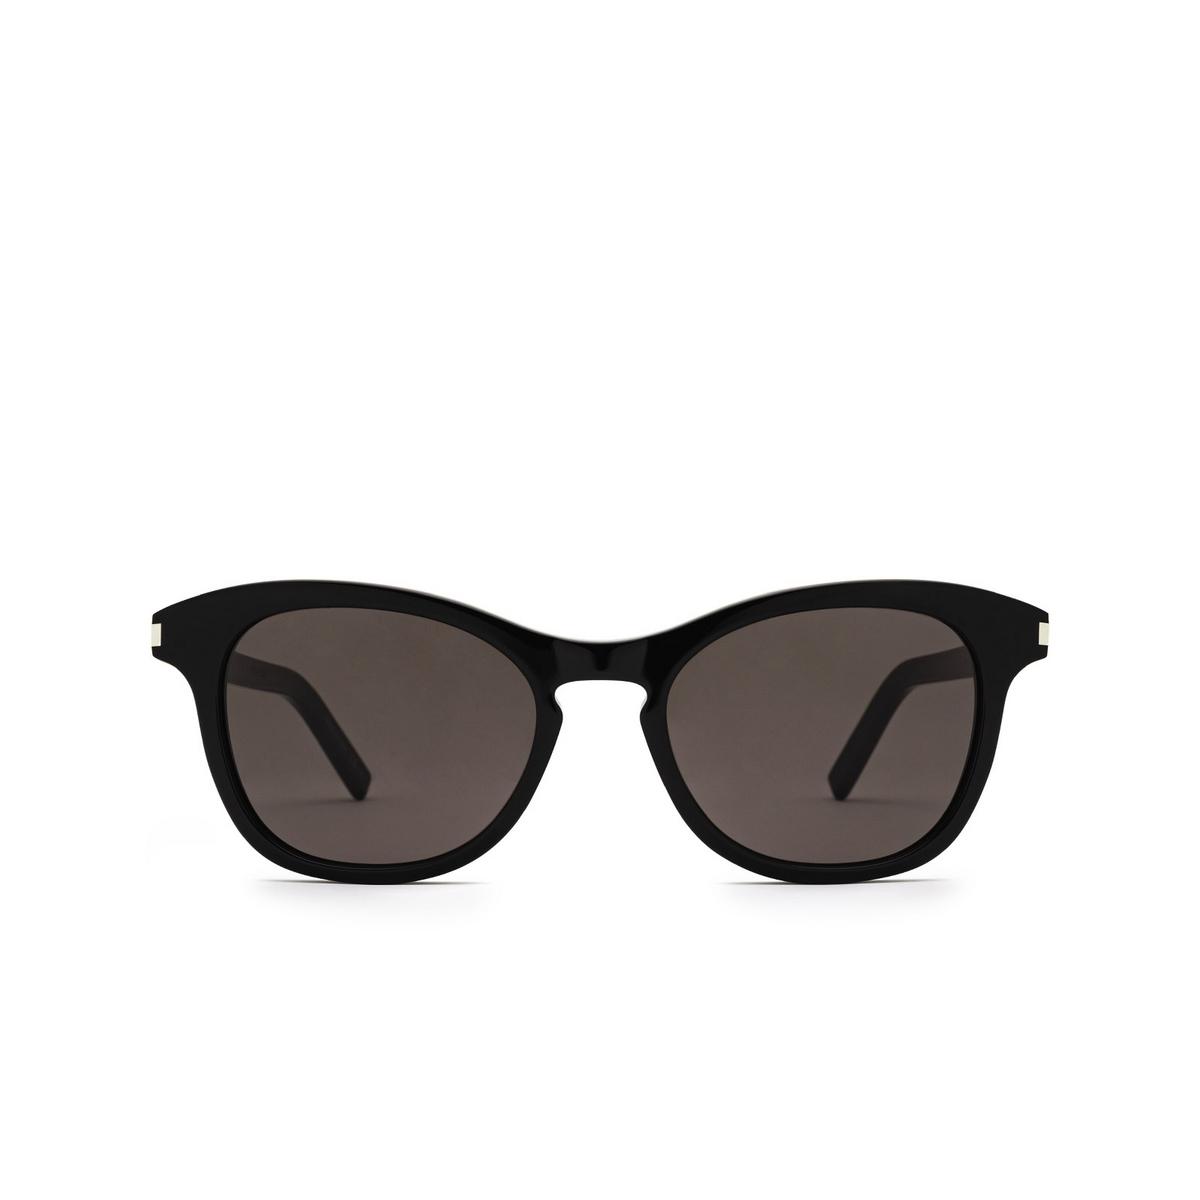 Saint Laurent® Cat-eye Sunglasses: SL 356 color Black 009 - front view.